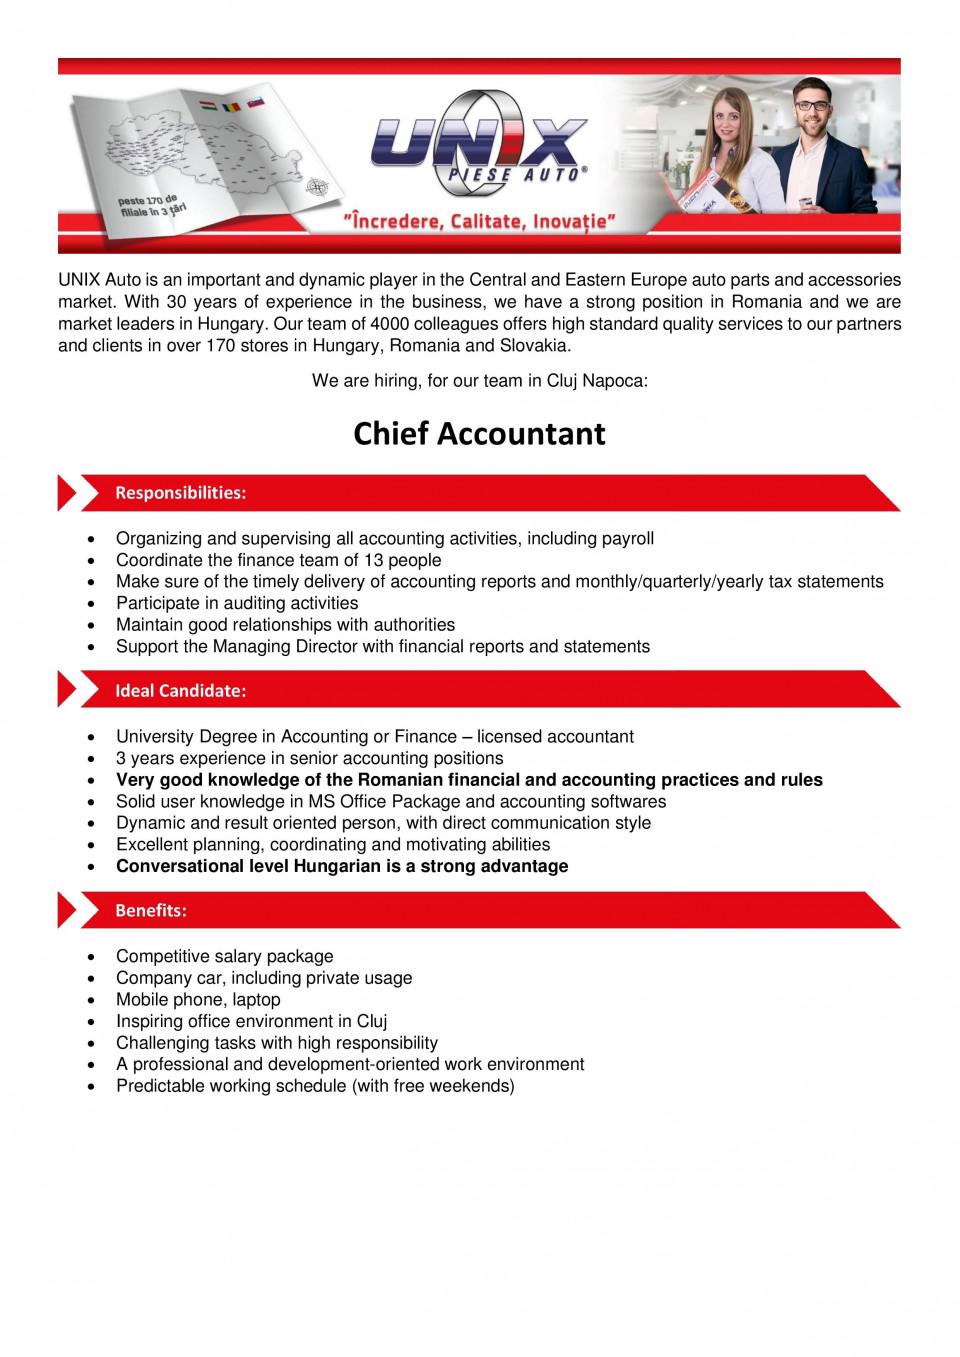 Chief Accountant  Az UNIX Autó a közép-kelet-európai régió dinamikusan fejlodo, közel 170 kirendeltséget üzemelteto és 4000 munkavállalót foglalkoztató, magyar tulajdonú autóalkatrész disztribútora. Az országot lefedo, folyamatosan bovülo, piacvezeto értékesítési hálózattal rendelkezik Magyarországon, és meghatározó szereploje a romániai, illetve a szlovákiai piacnak. Szoftveres autóalkatrész kereso programjával és logisztikai rendszerével egyedülálló szolgáltatást nyújt a régióban a partnerei számára.Számviteli Osztályvezeto Feladatok:Napi pénzügyi és számviteli munkában való aktív részvétel A cég adóbevallásainak, éves és egyéb hatósági beszámolóinak elkészítése Évközi és év végi zárások összeállítása és ellenorzése Könyvelokbol és bérszámfejtokbol álló csapat irányítása Munkaügyi feladatok (bérszámfejtés, munkaido elszámolások) irányítása Központi és kirendeltségi pénztárak könyvelésének ellenorzése Vevokövetelések, kintlévoségek nyomon követése A cég számviteli, pénzügyi tevékenységének rendszeres elemzése, javaslattétel az esetleges változtatásokra Külso és belso számviteli, illetve adóhatósági ellenorzésekben való közremuködés Kapcsolattartás jogászokkal, könyvvizsgálókkal, hatóságokkal Eltérések azonosítása és a problémák okainak feltárása Szerzodések kezelése, iktatásaElvárások:Felsofokú szakirányú végzettség Regisztrált mérlegképes könyvelo végzettség Gazdasági vezeto szerepkörben töltött legalább 5 éves tapasztalat Stabil polgári jogi, munkajogi, adózási, pénzügyi és számviteli jogszabály ismeret Magas szintu számítógépes ismeret (MS Office, Excel) Vállalati rendszerekben, könyvelo programokban szerzett jártasság Megbízható, pontos és felelosségteljes munkavégzés Kiváló kommunikációs készség, határozottság Alaposság, precizitás, gyorsaság, jó felfogóképesség Rendszerben való gondolkodás Magyar és román felsofokú nyelvtudásAmit kínálunk:Versenyképes, stabil jövedelem, mobil telefon, laptop, céges autó Kihívást jelento, változatos, felelosségteljes feladatok